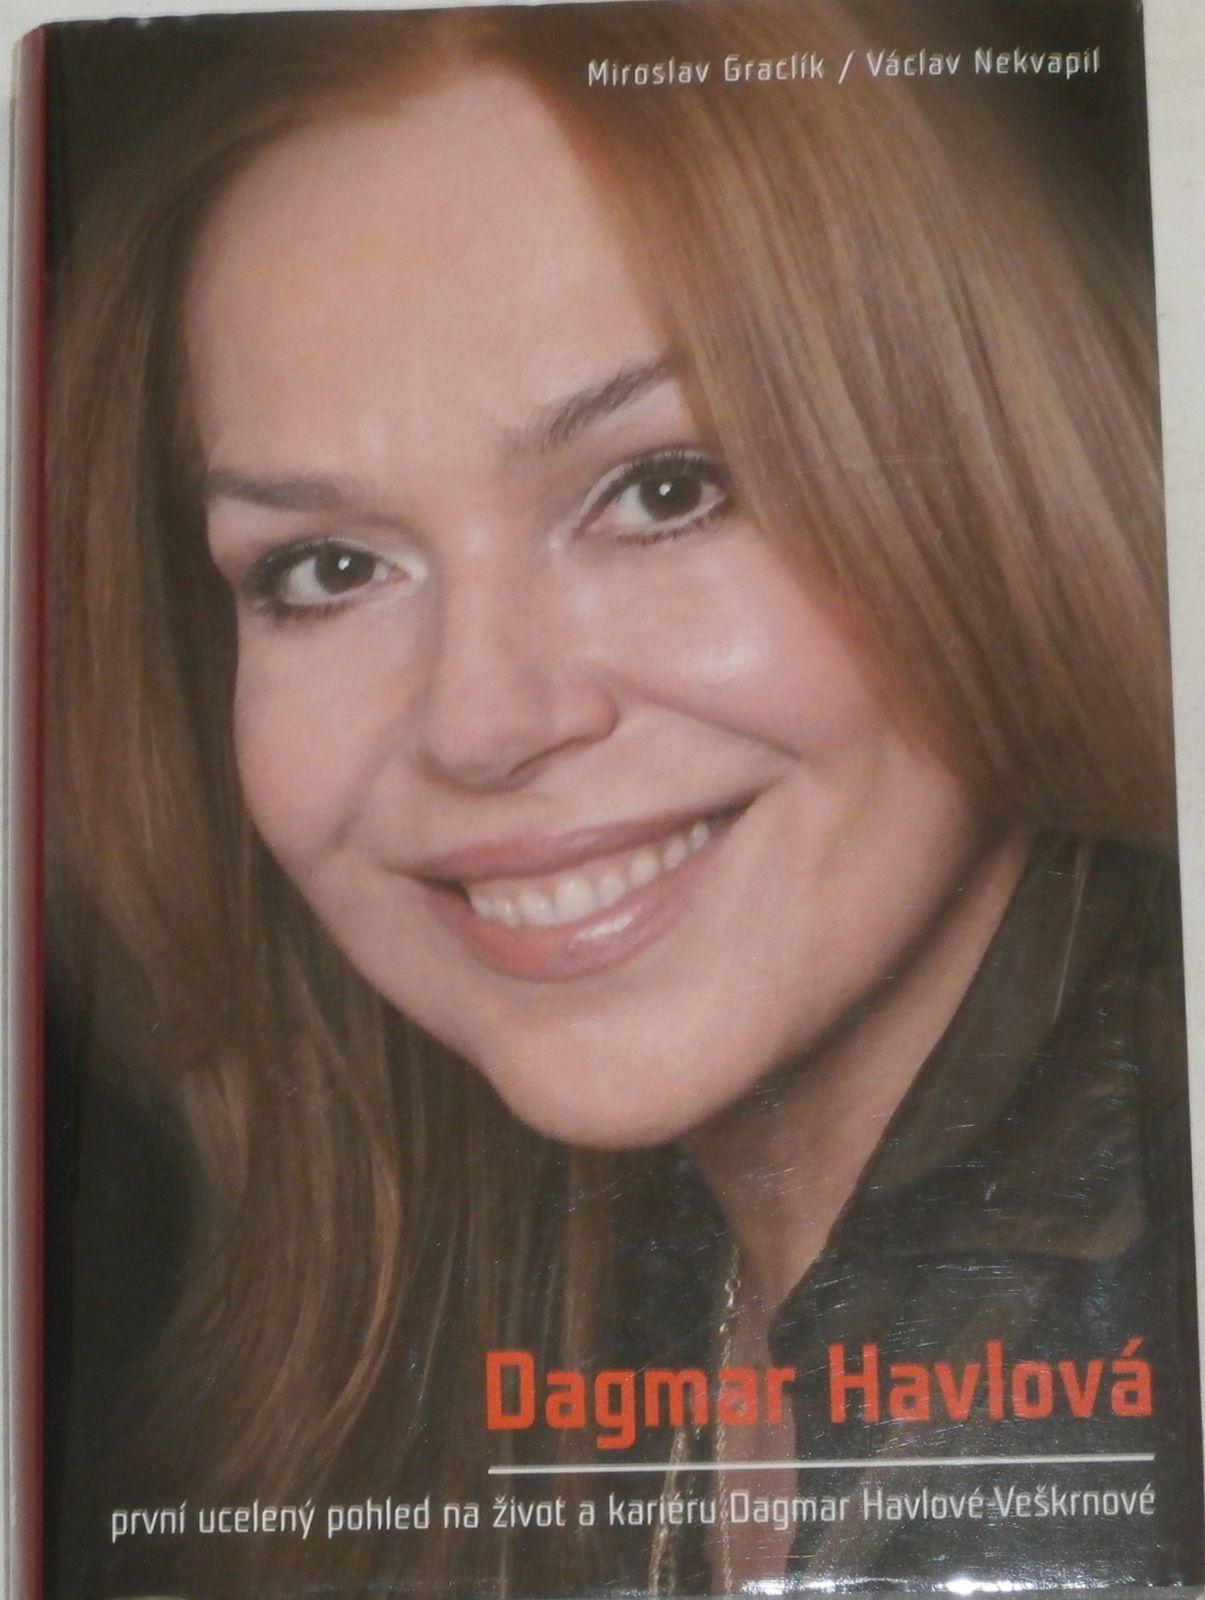 Graclík, Nekvapil - Dagmar Havlová